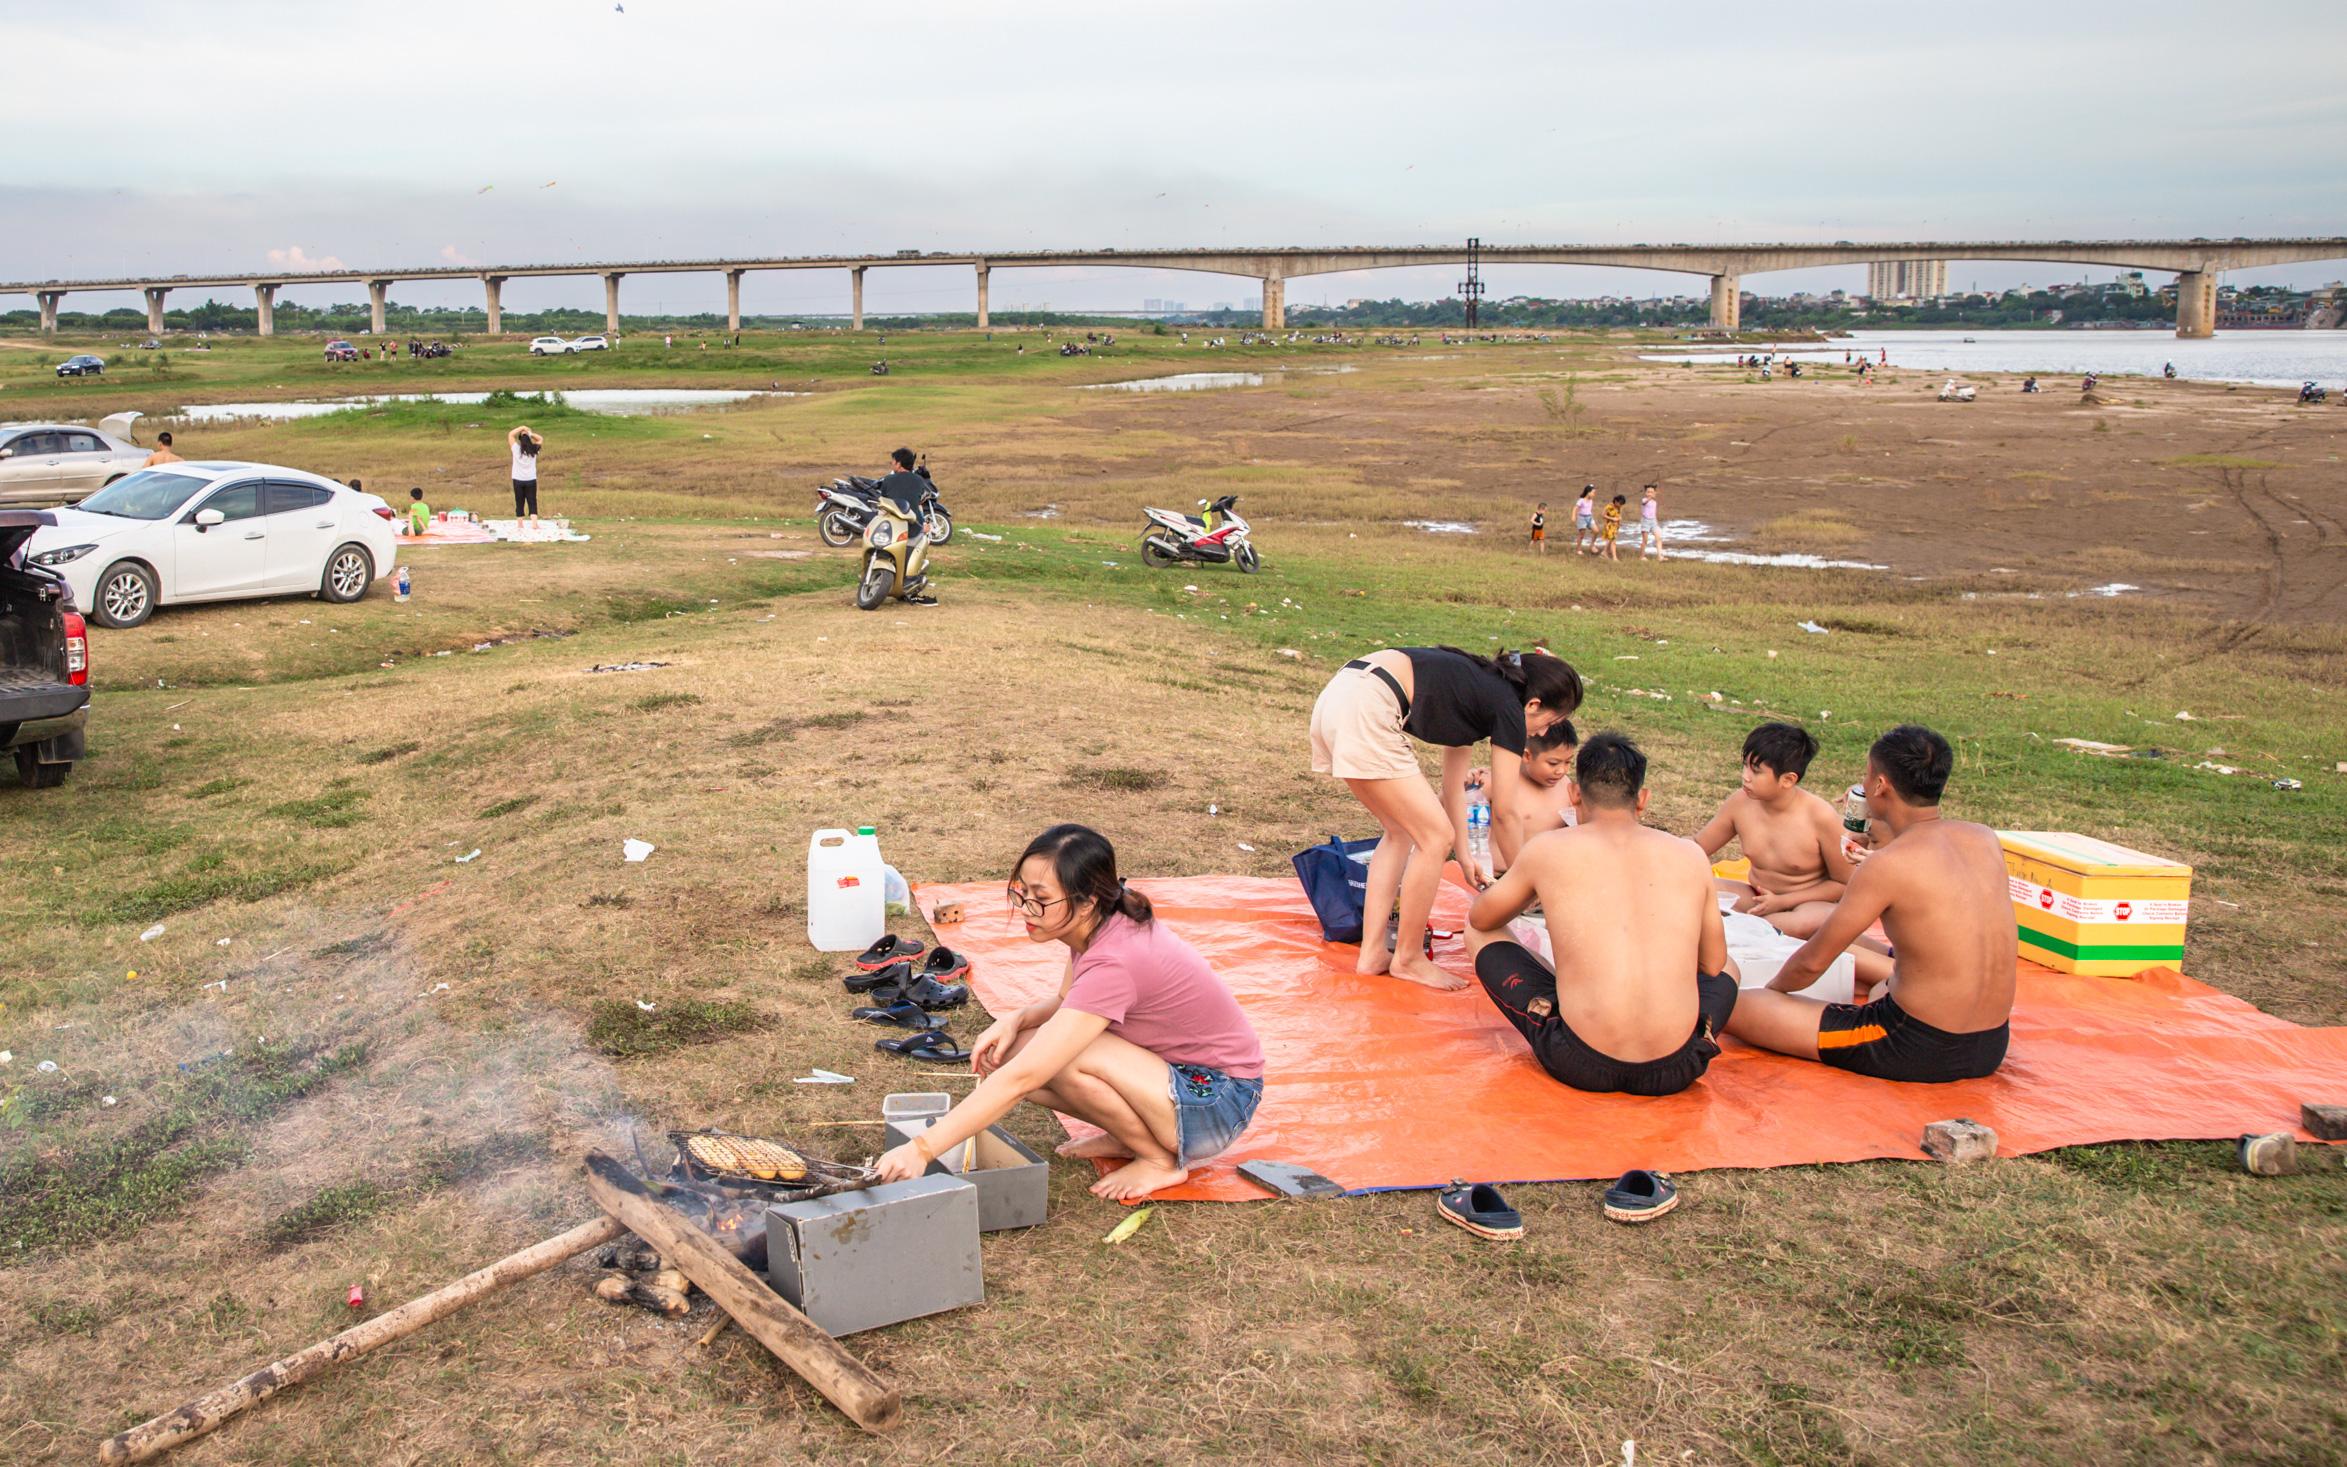 Rời xa ồn ào nơi phố thị, nhiều gia đình tìm đến bãi bồi dưới chân cầu Vĩnh Tuy để sống ''chill'', thoả sức bắt ốc, nướng cá sống lại một thời tuổi thơ